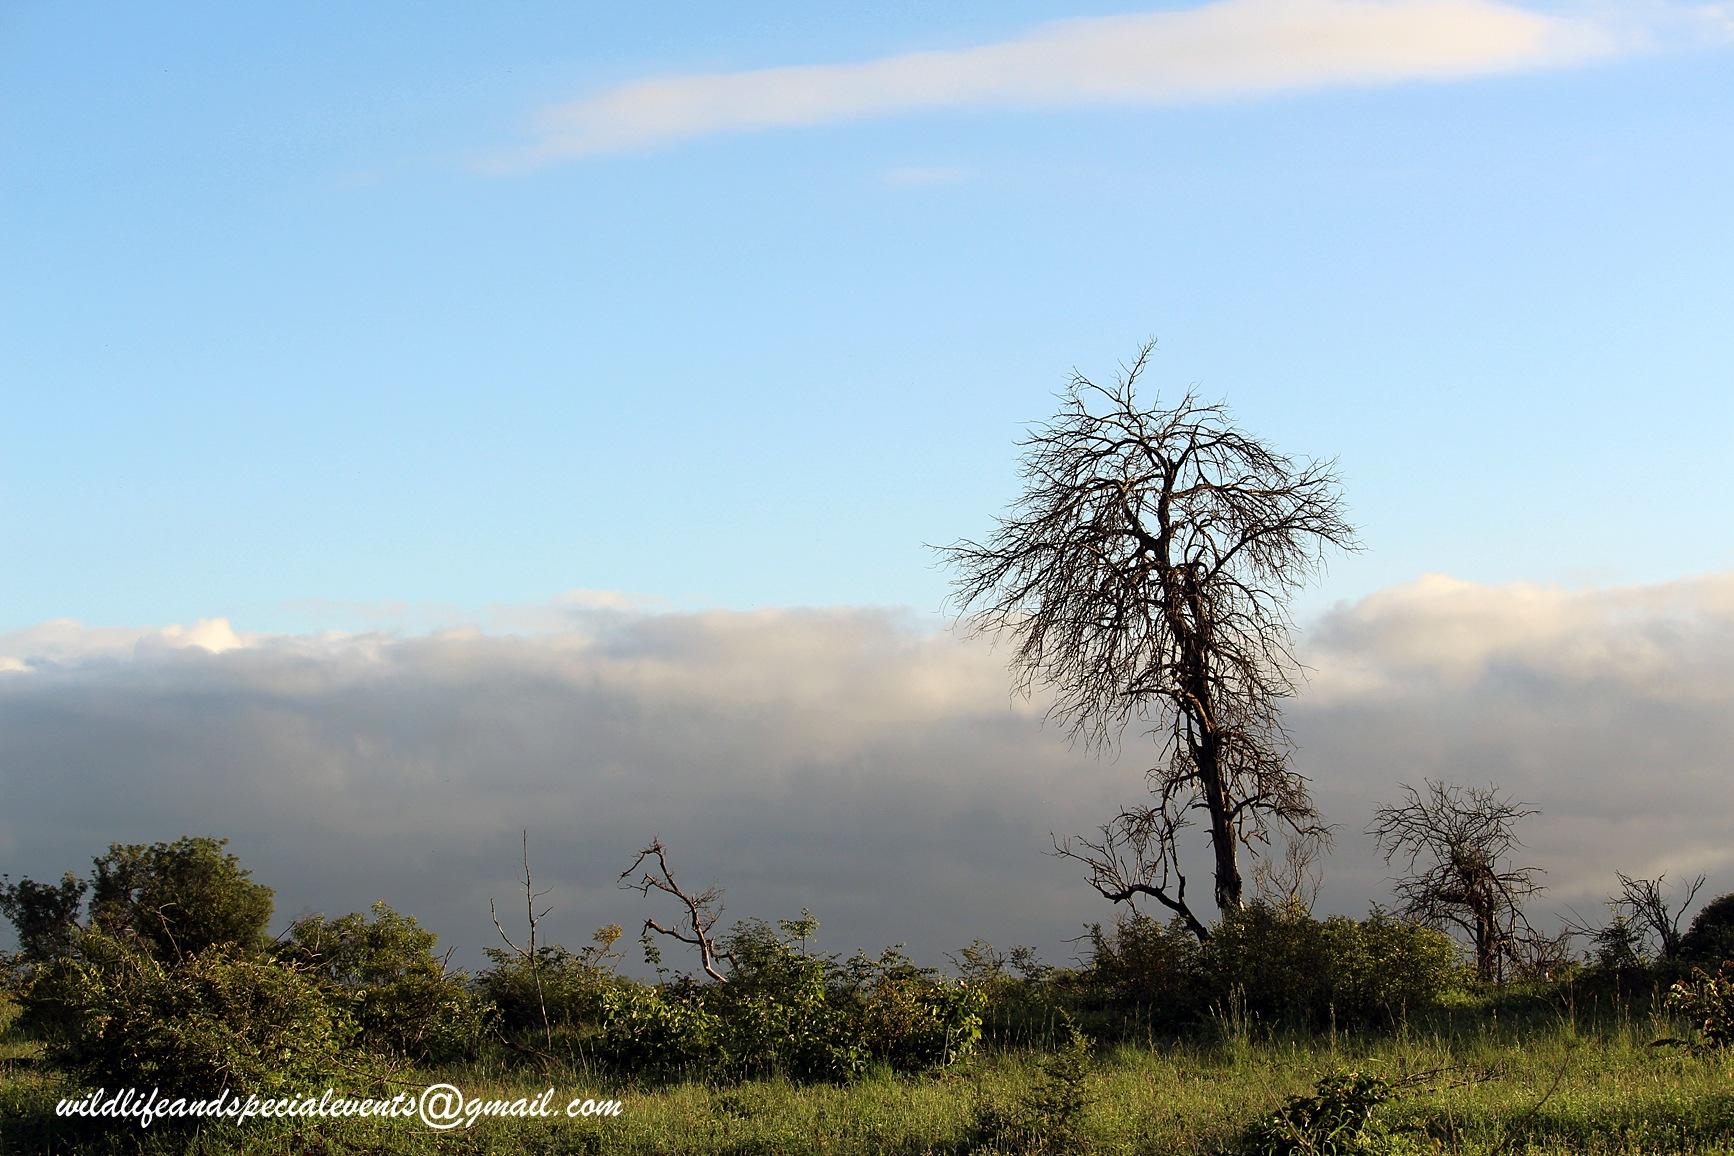 Last tree standing by oosie